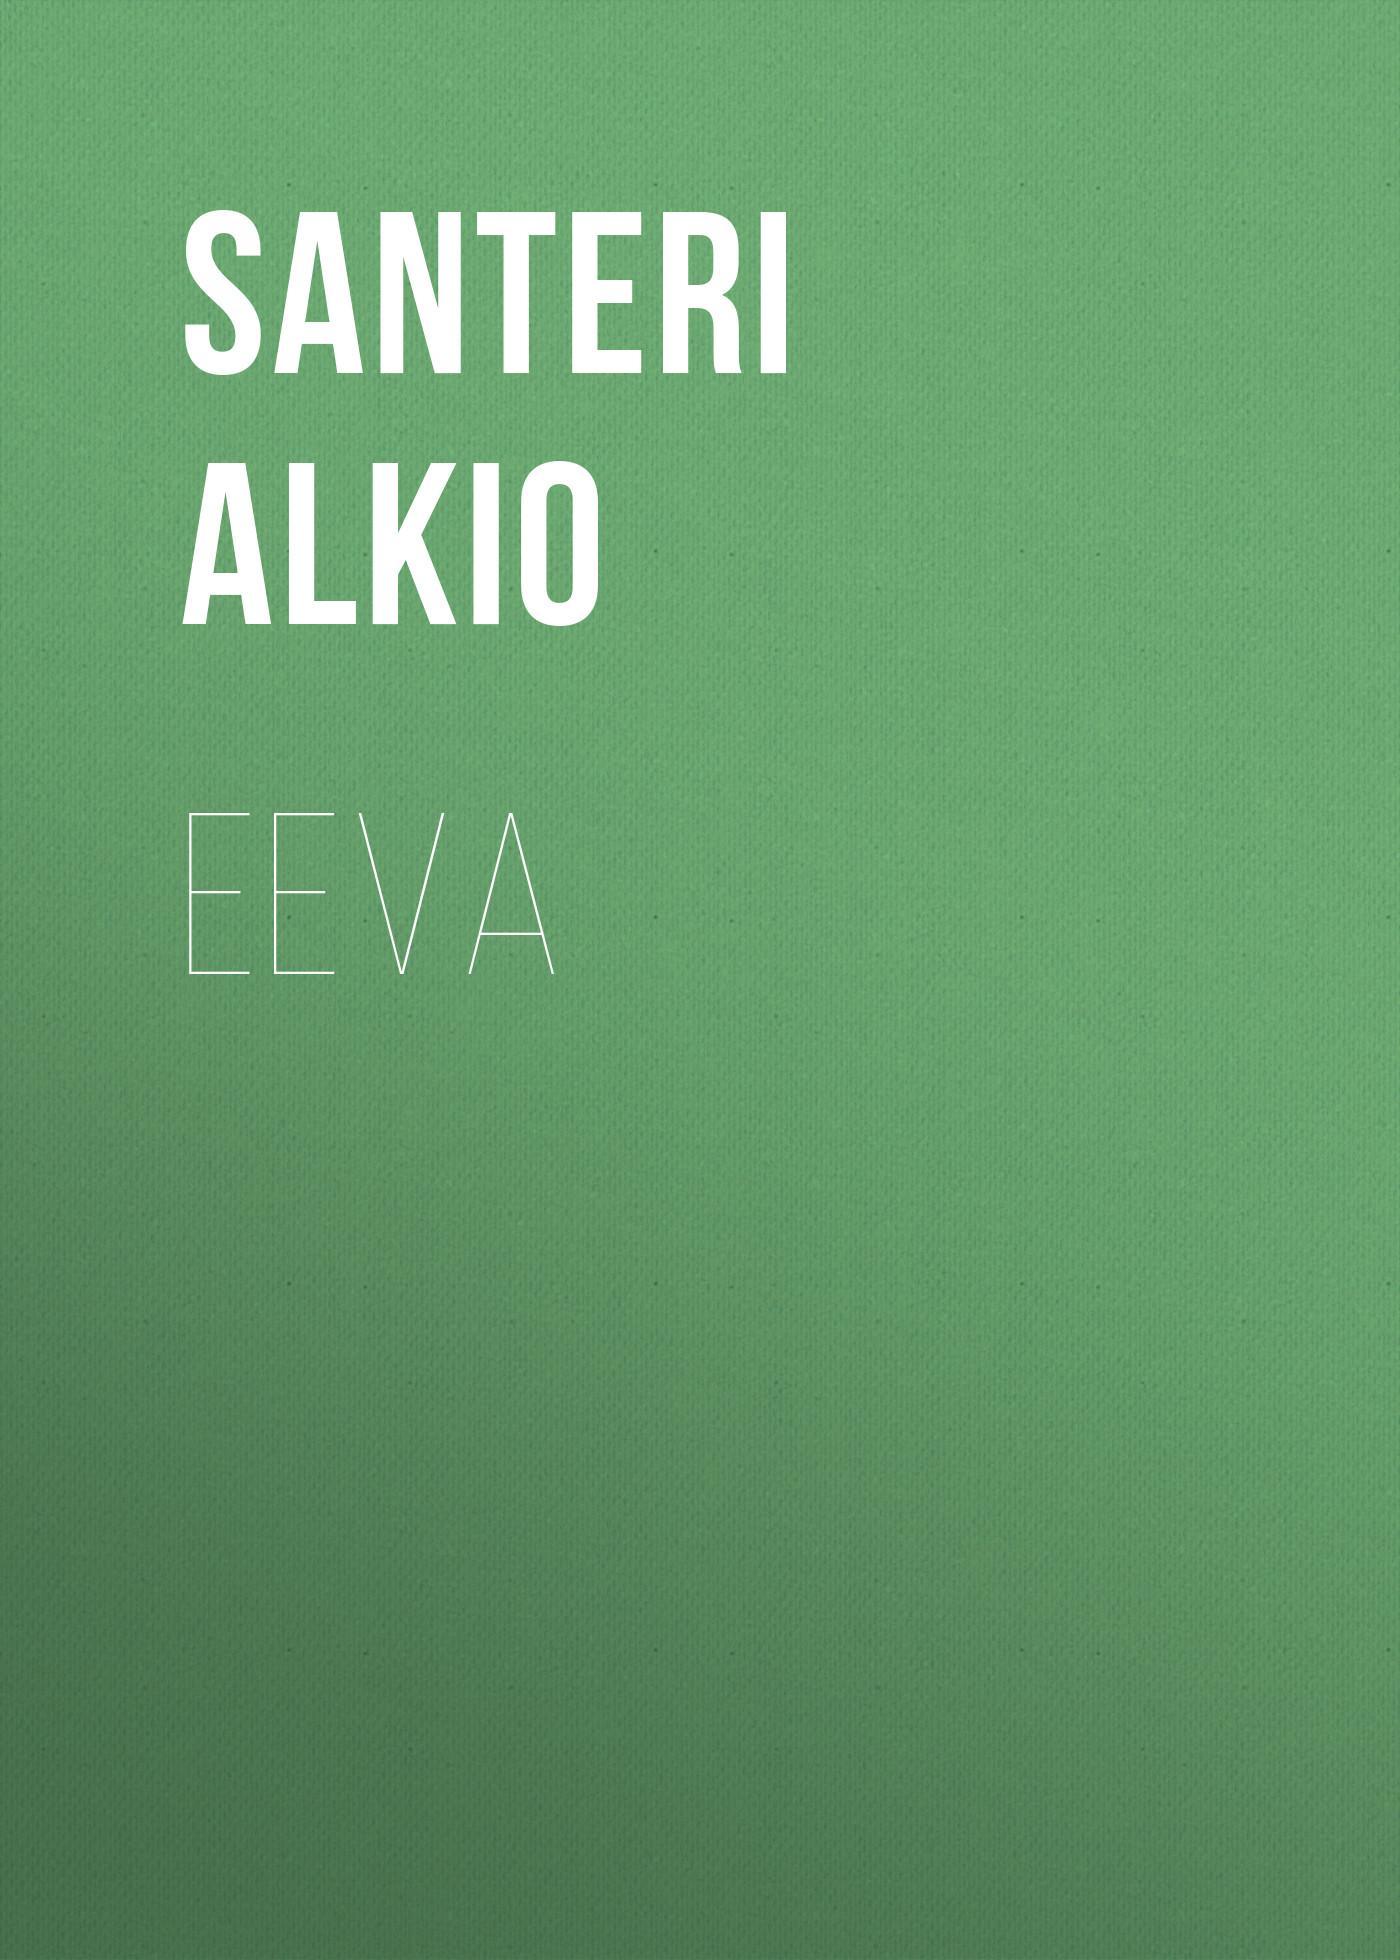 Alkio Santeri Eeva santeri версия green